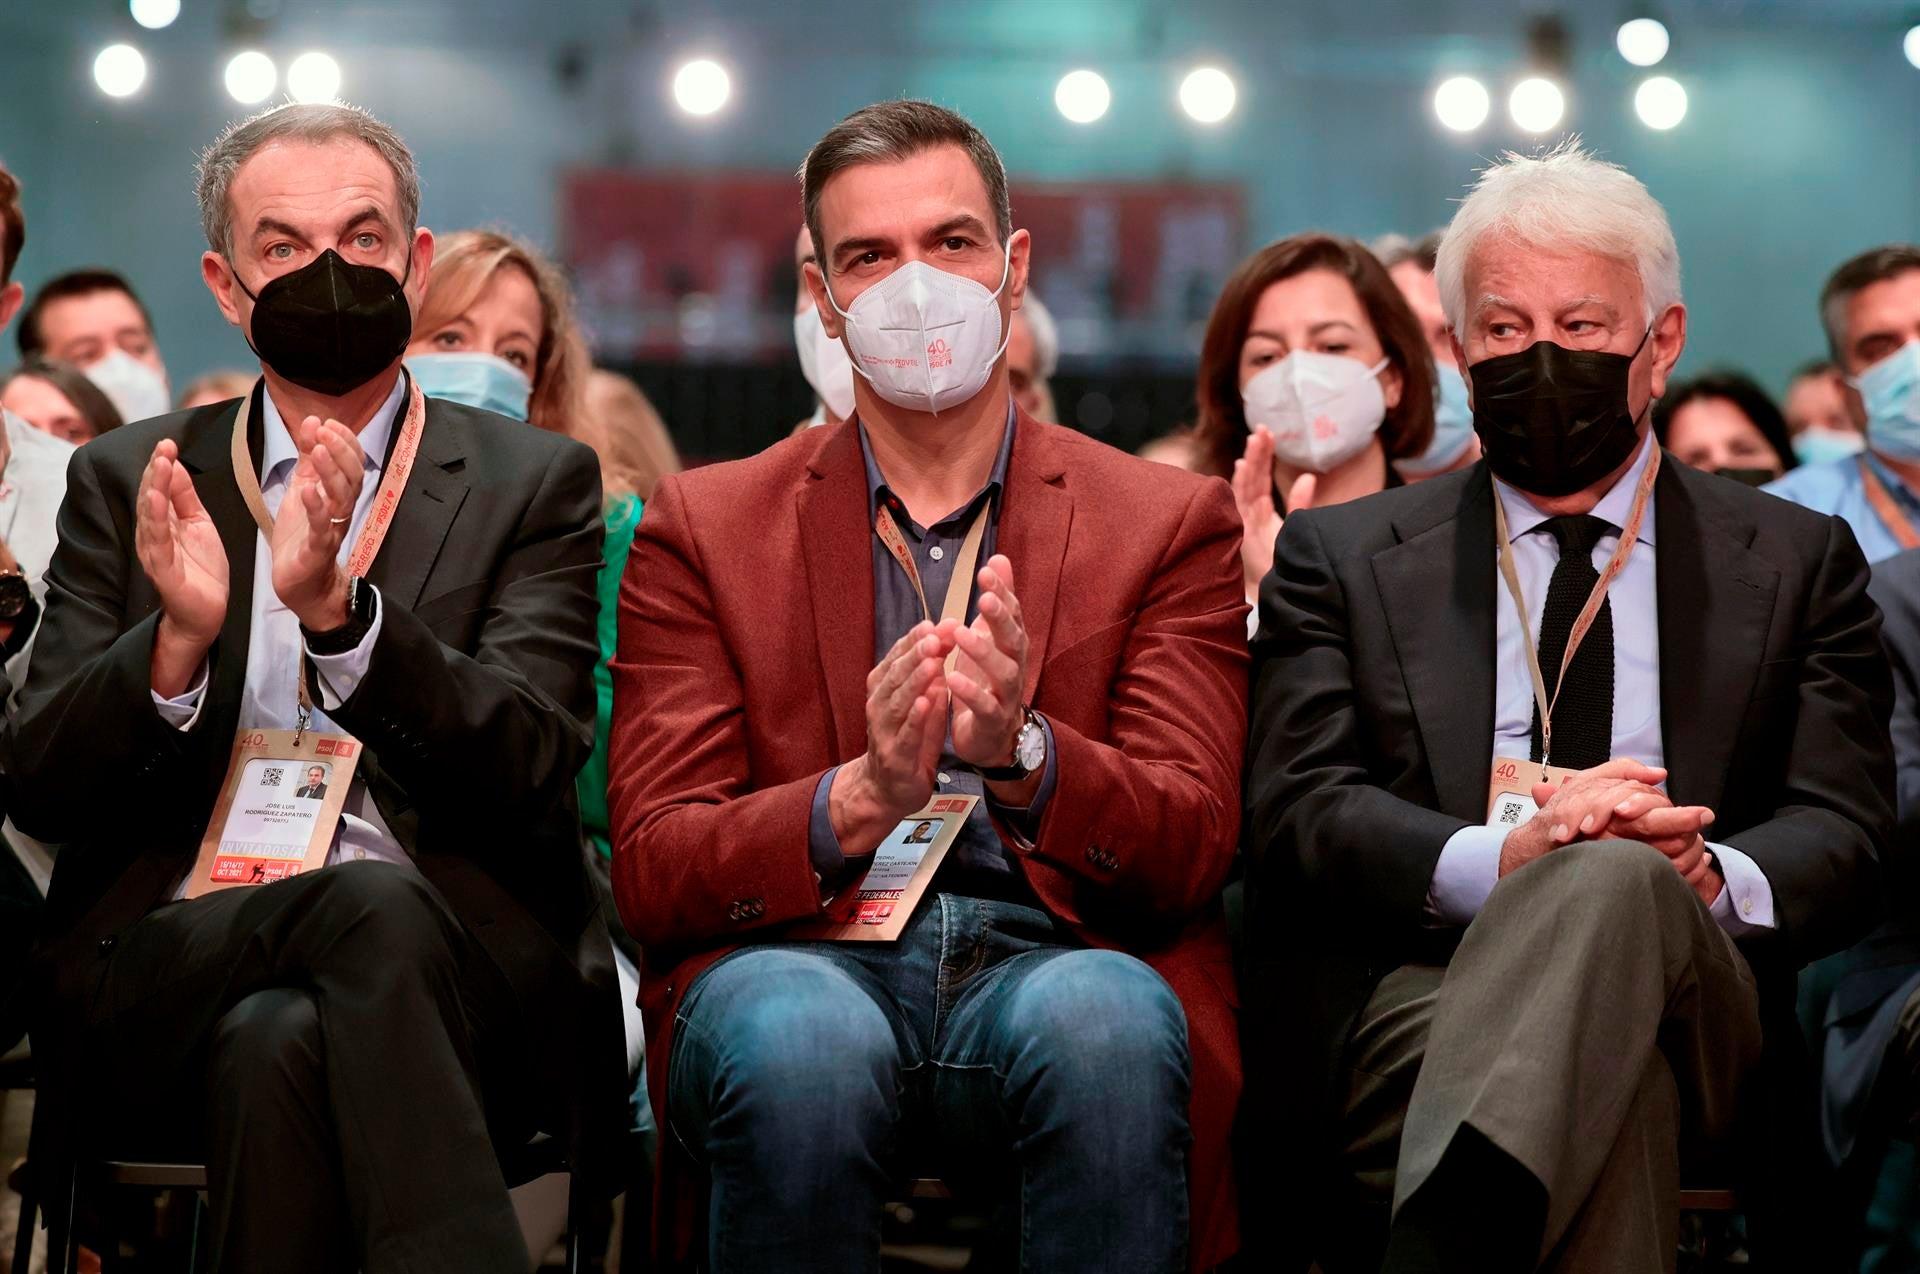 Tertulia: ¿Existe un viraje real de Pedro Sánchez hacia el centro político?